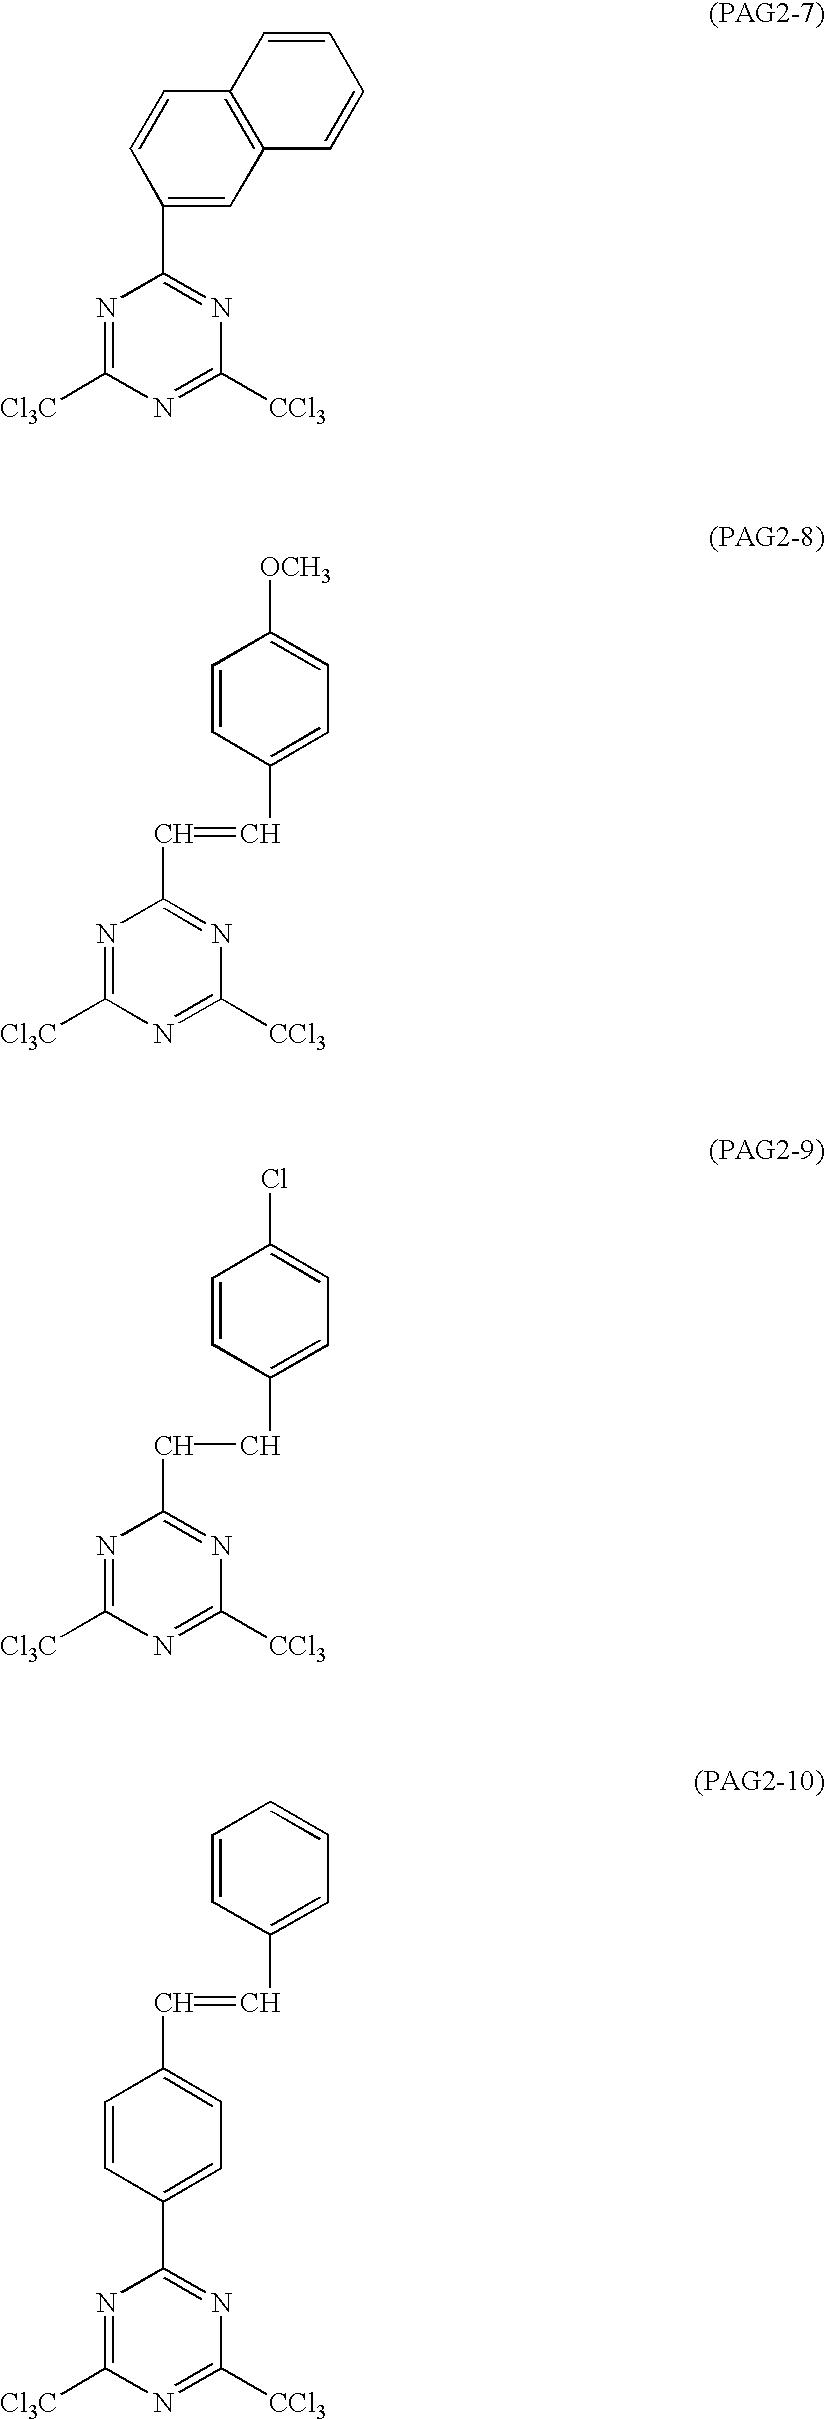 Figure US06596458-20030722-C00009